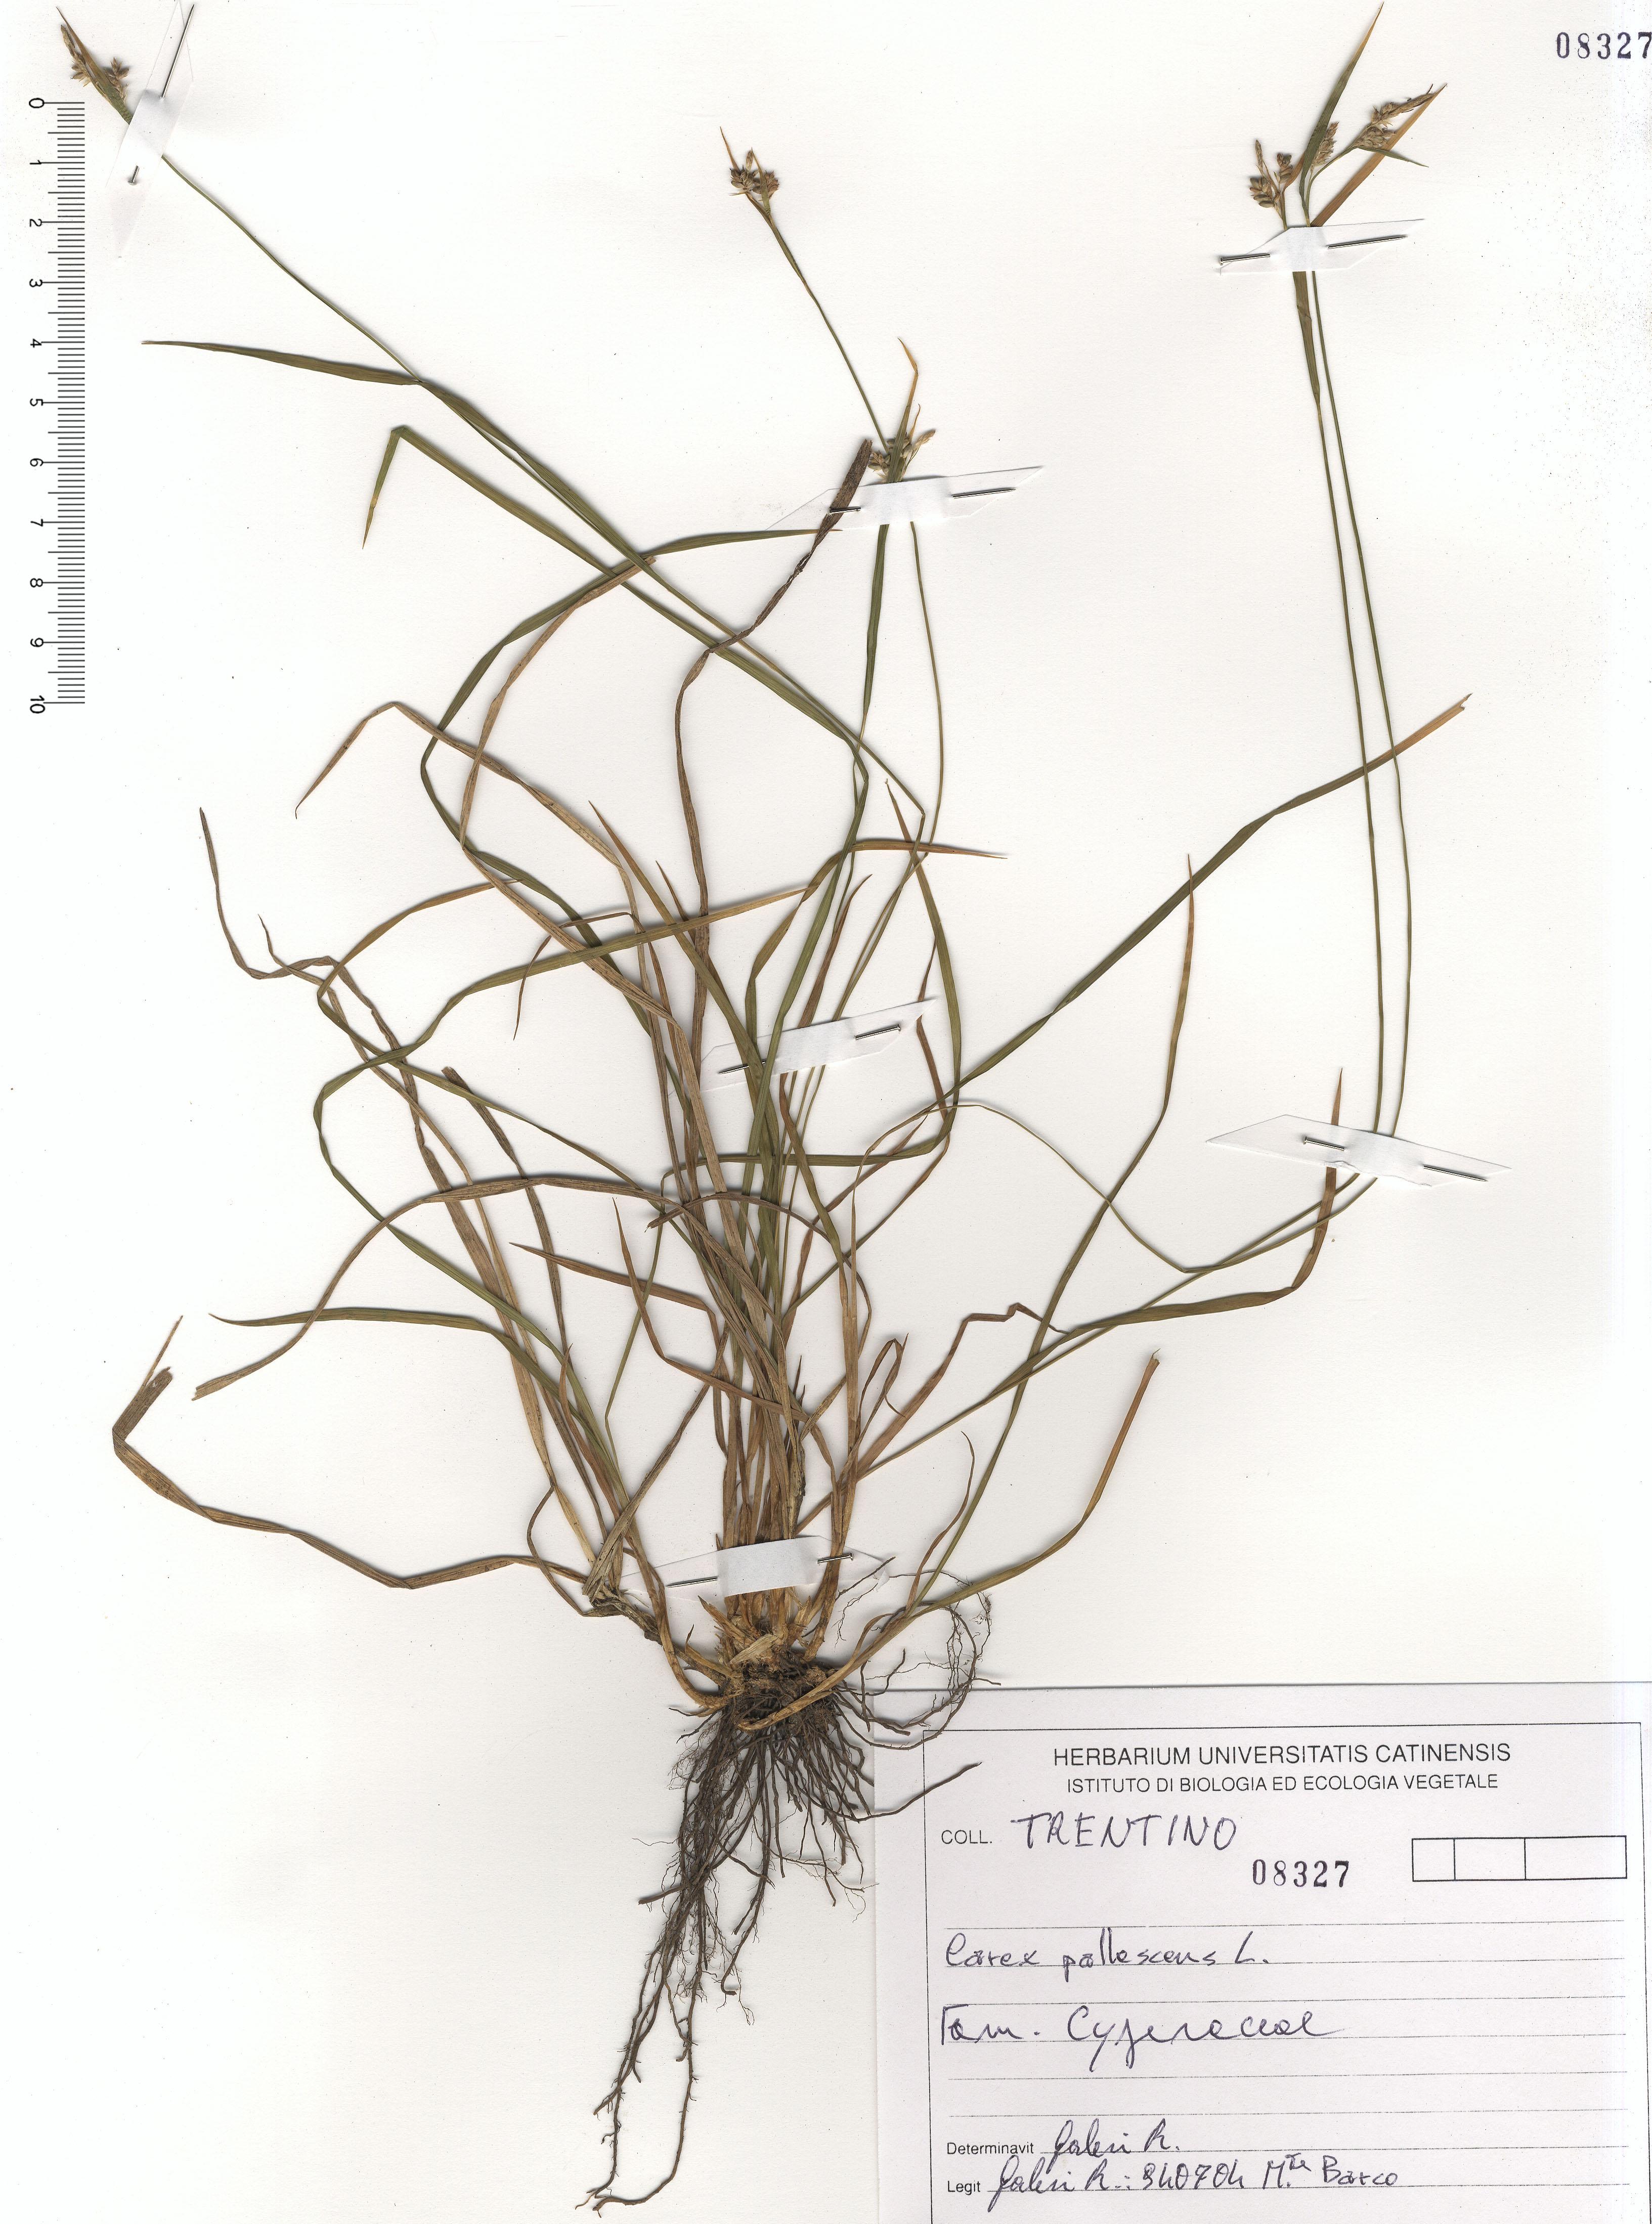 © Hortus Botanicus Catinensis - Herb. sheet 108327<br>